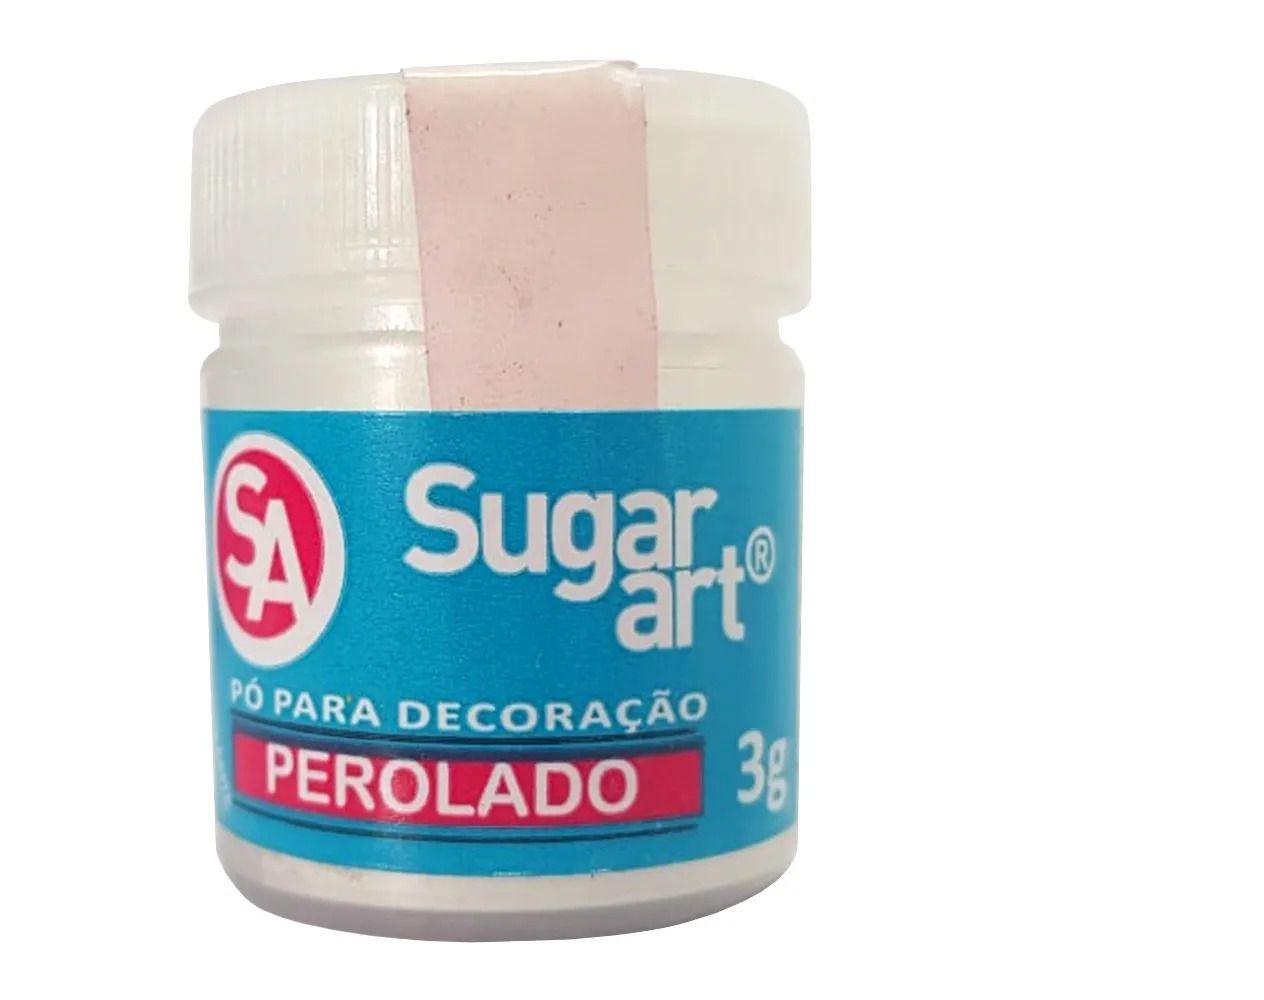 Pó para Decoração Cintilante Perolado 3g Sugar Art